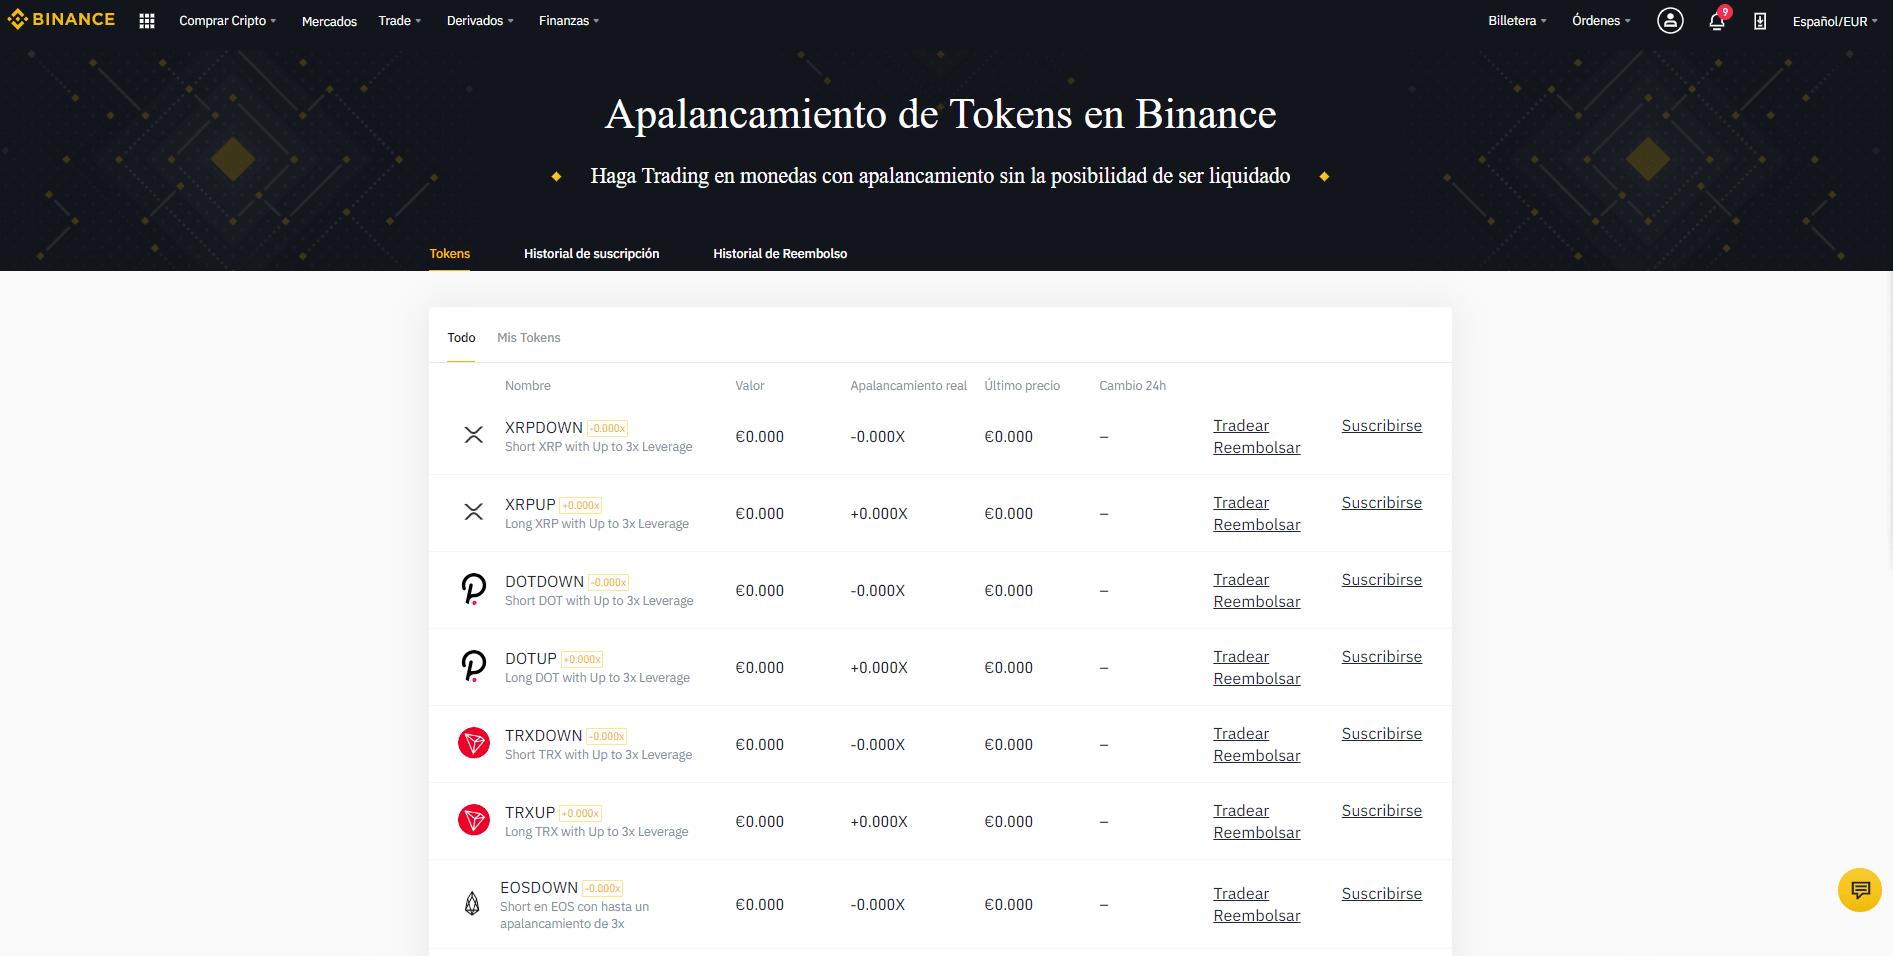 opciones mercado derivados -tokens apalancados en Binance - CriptoNoticias